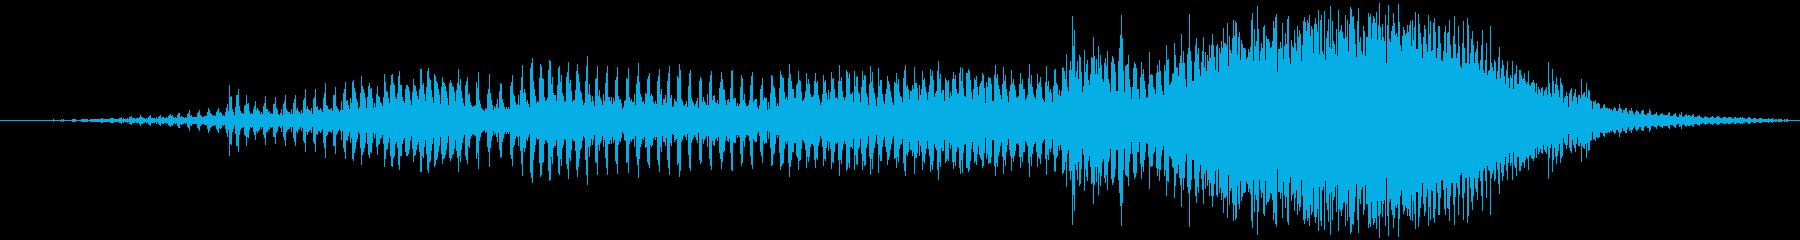 ジェットスキージェットスキーの再生済みの波形